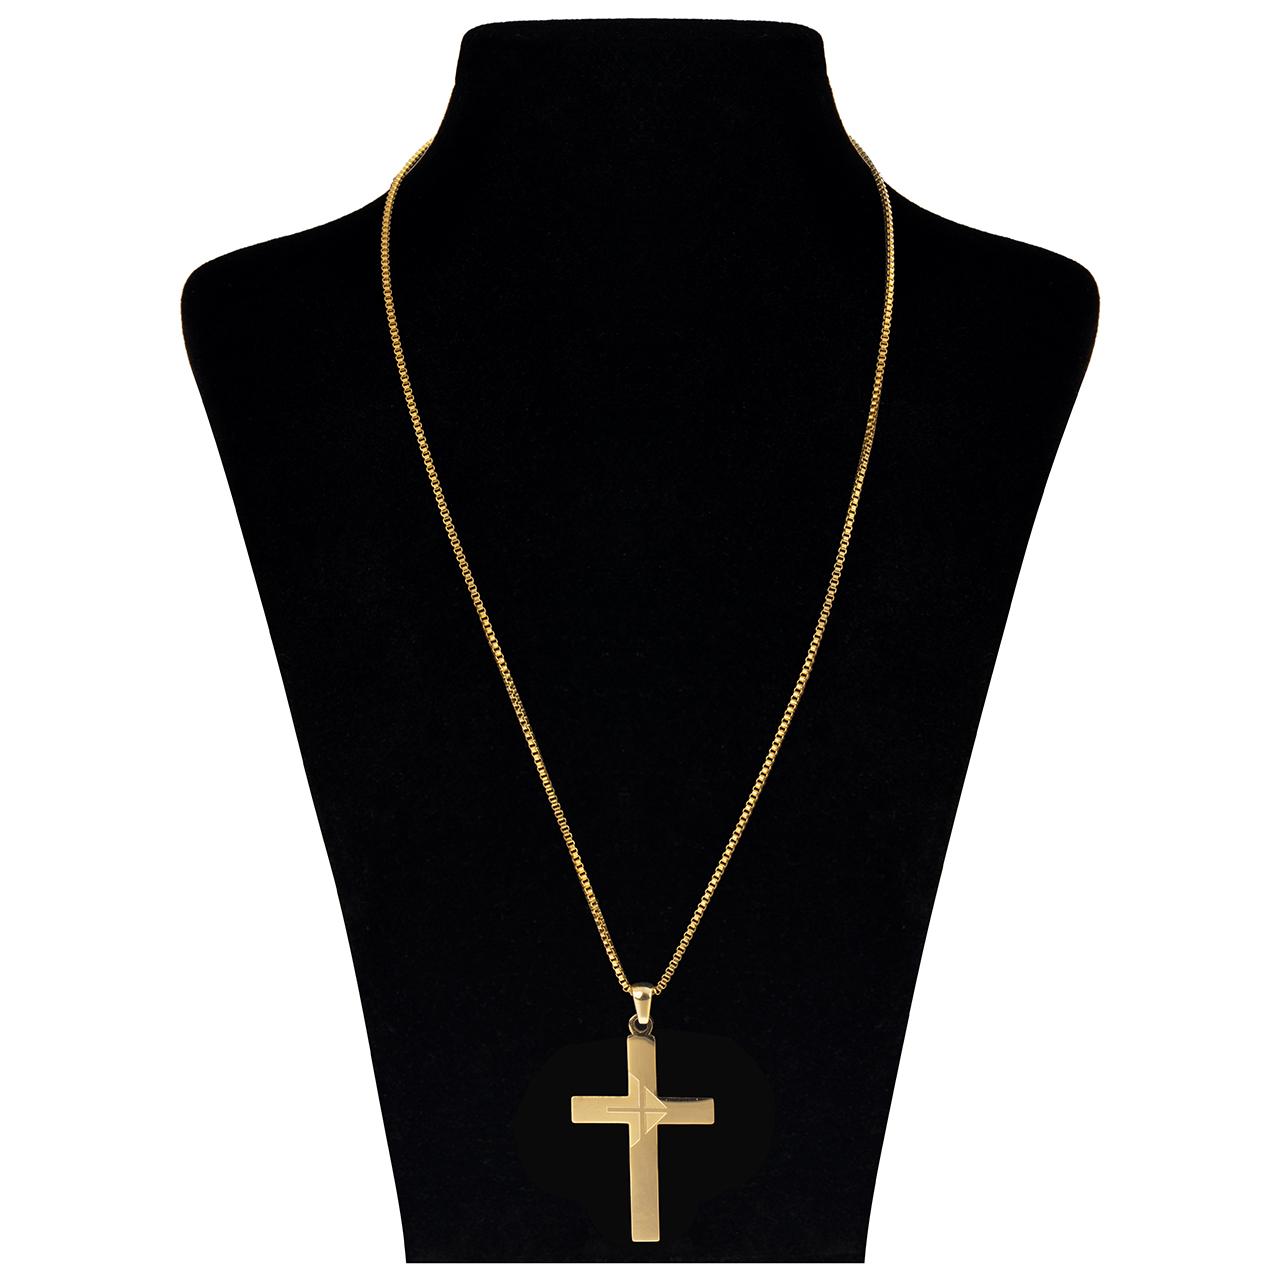 قیمت گردنبند بهارگالری طرح صلیب مدل Classic Cross کد 202050